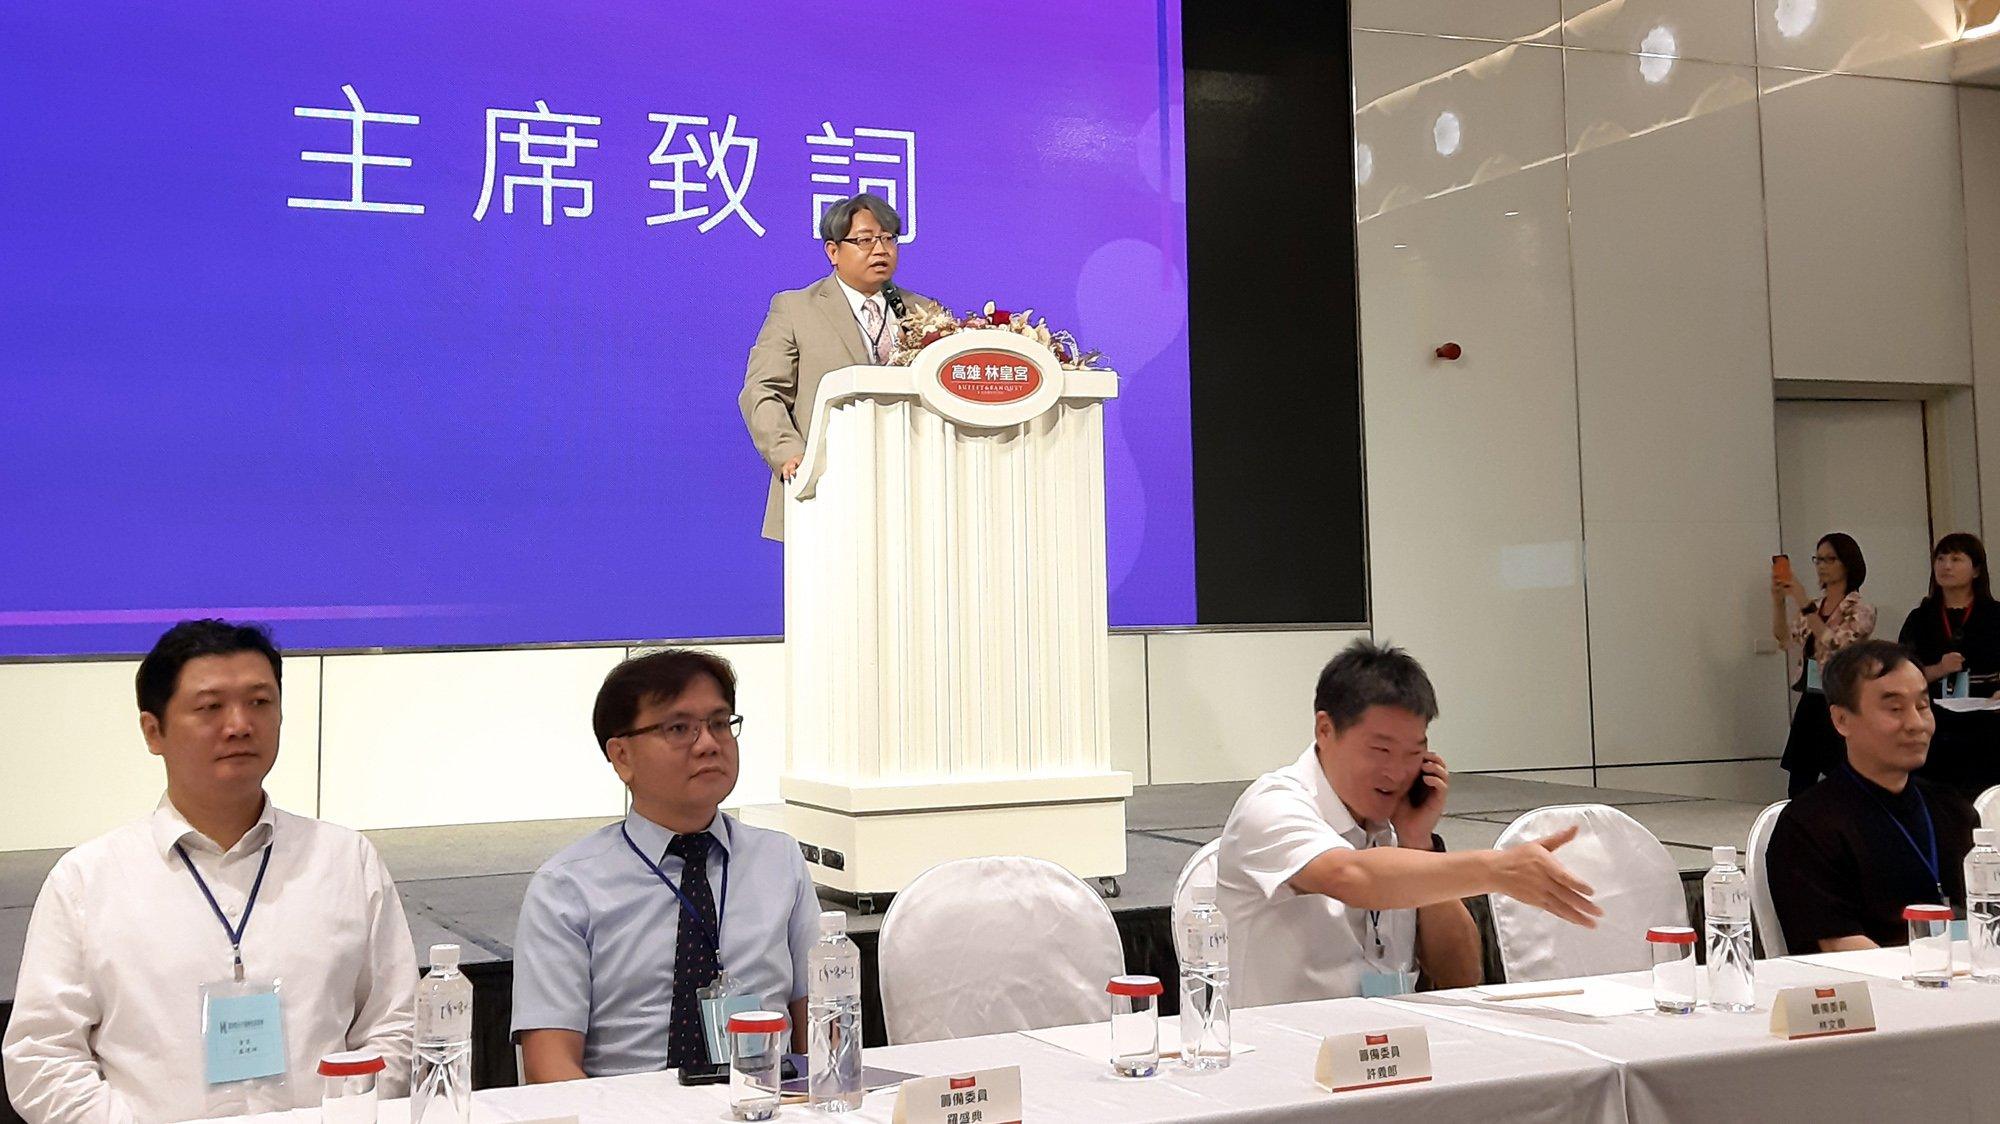 臺灣氫分子醫療促進協會-03 高雄長庚 郭和昌教授 - 主席致詞